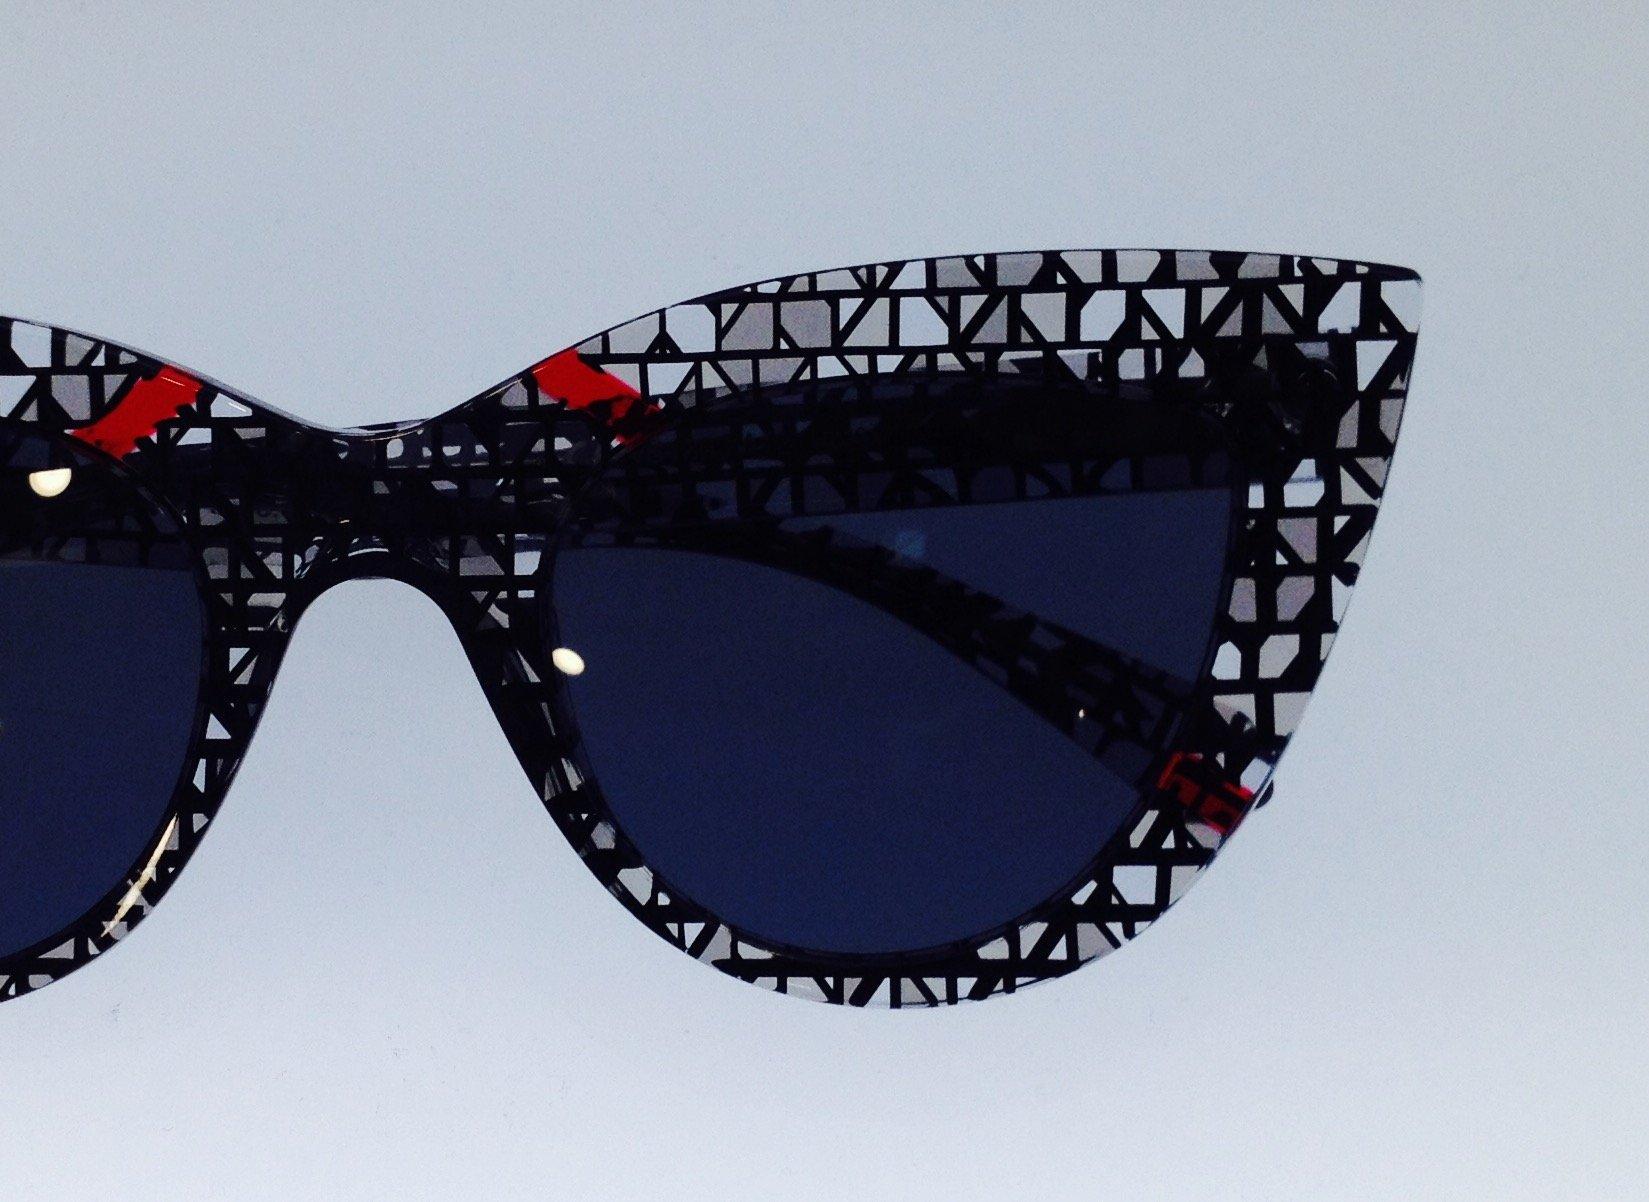 degli occhiali da sole con disegni bianchi e neri